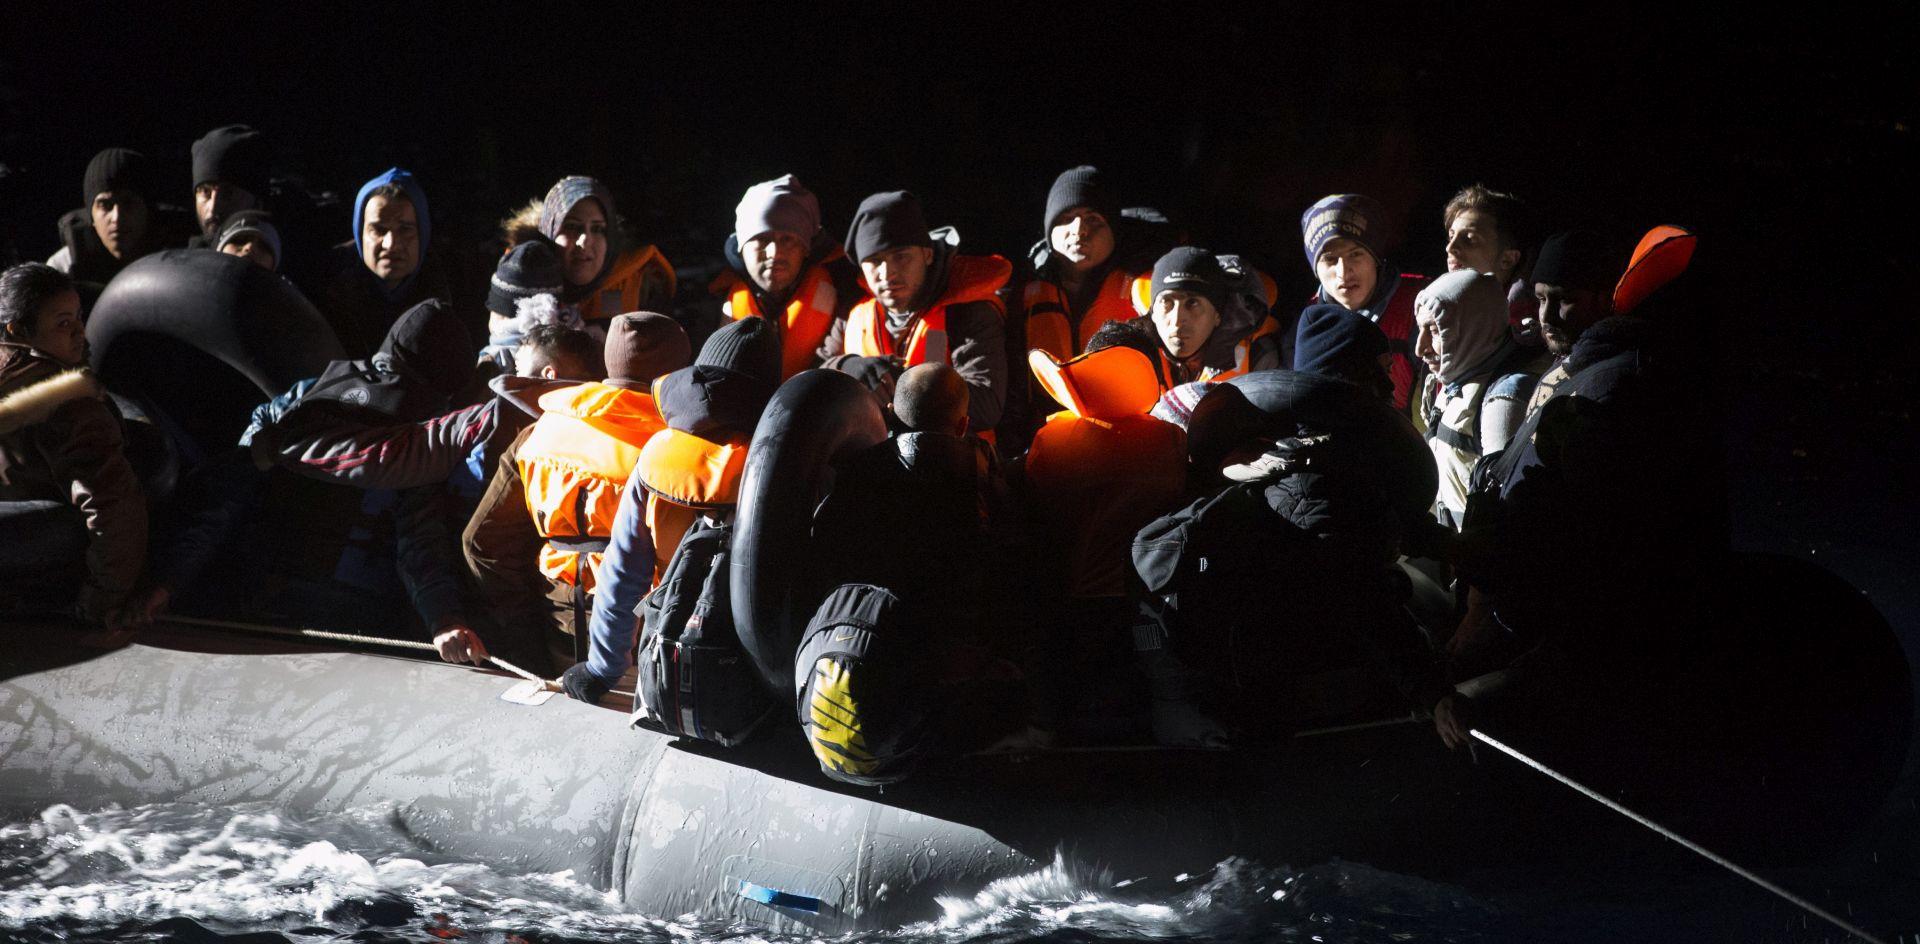 POTONUO ČAMAC NA PUTU PREMA GRČKOJ: Utopilo se 18 izbjeglica, 14 spašeno